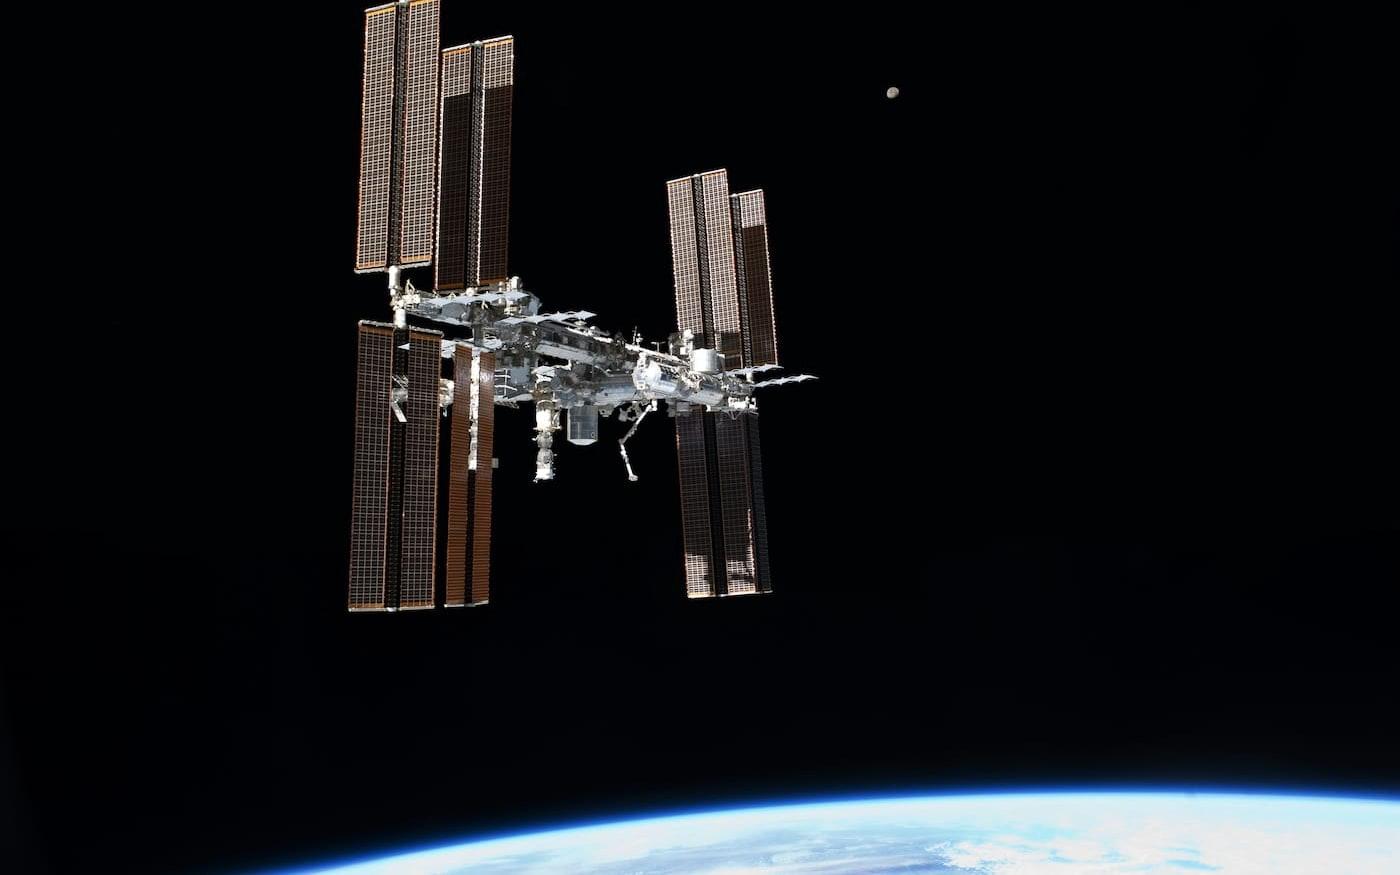 NASA anuncia turismo espacial a partir de 2020, mas vai custar caro